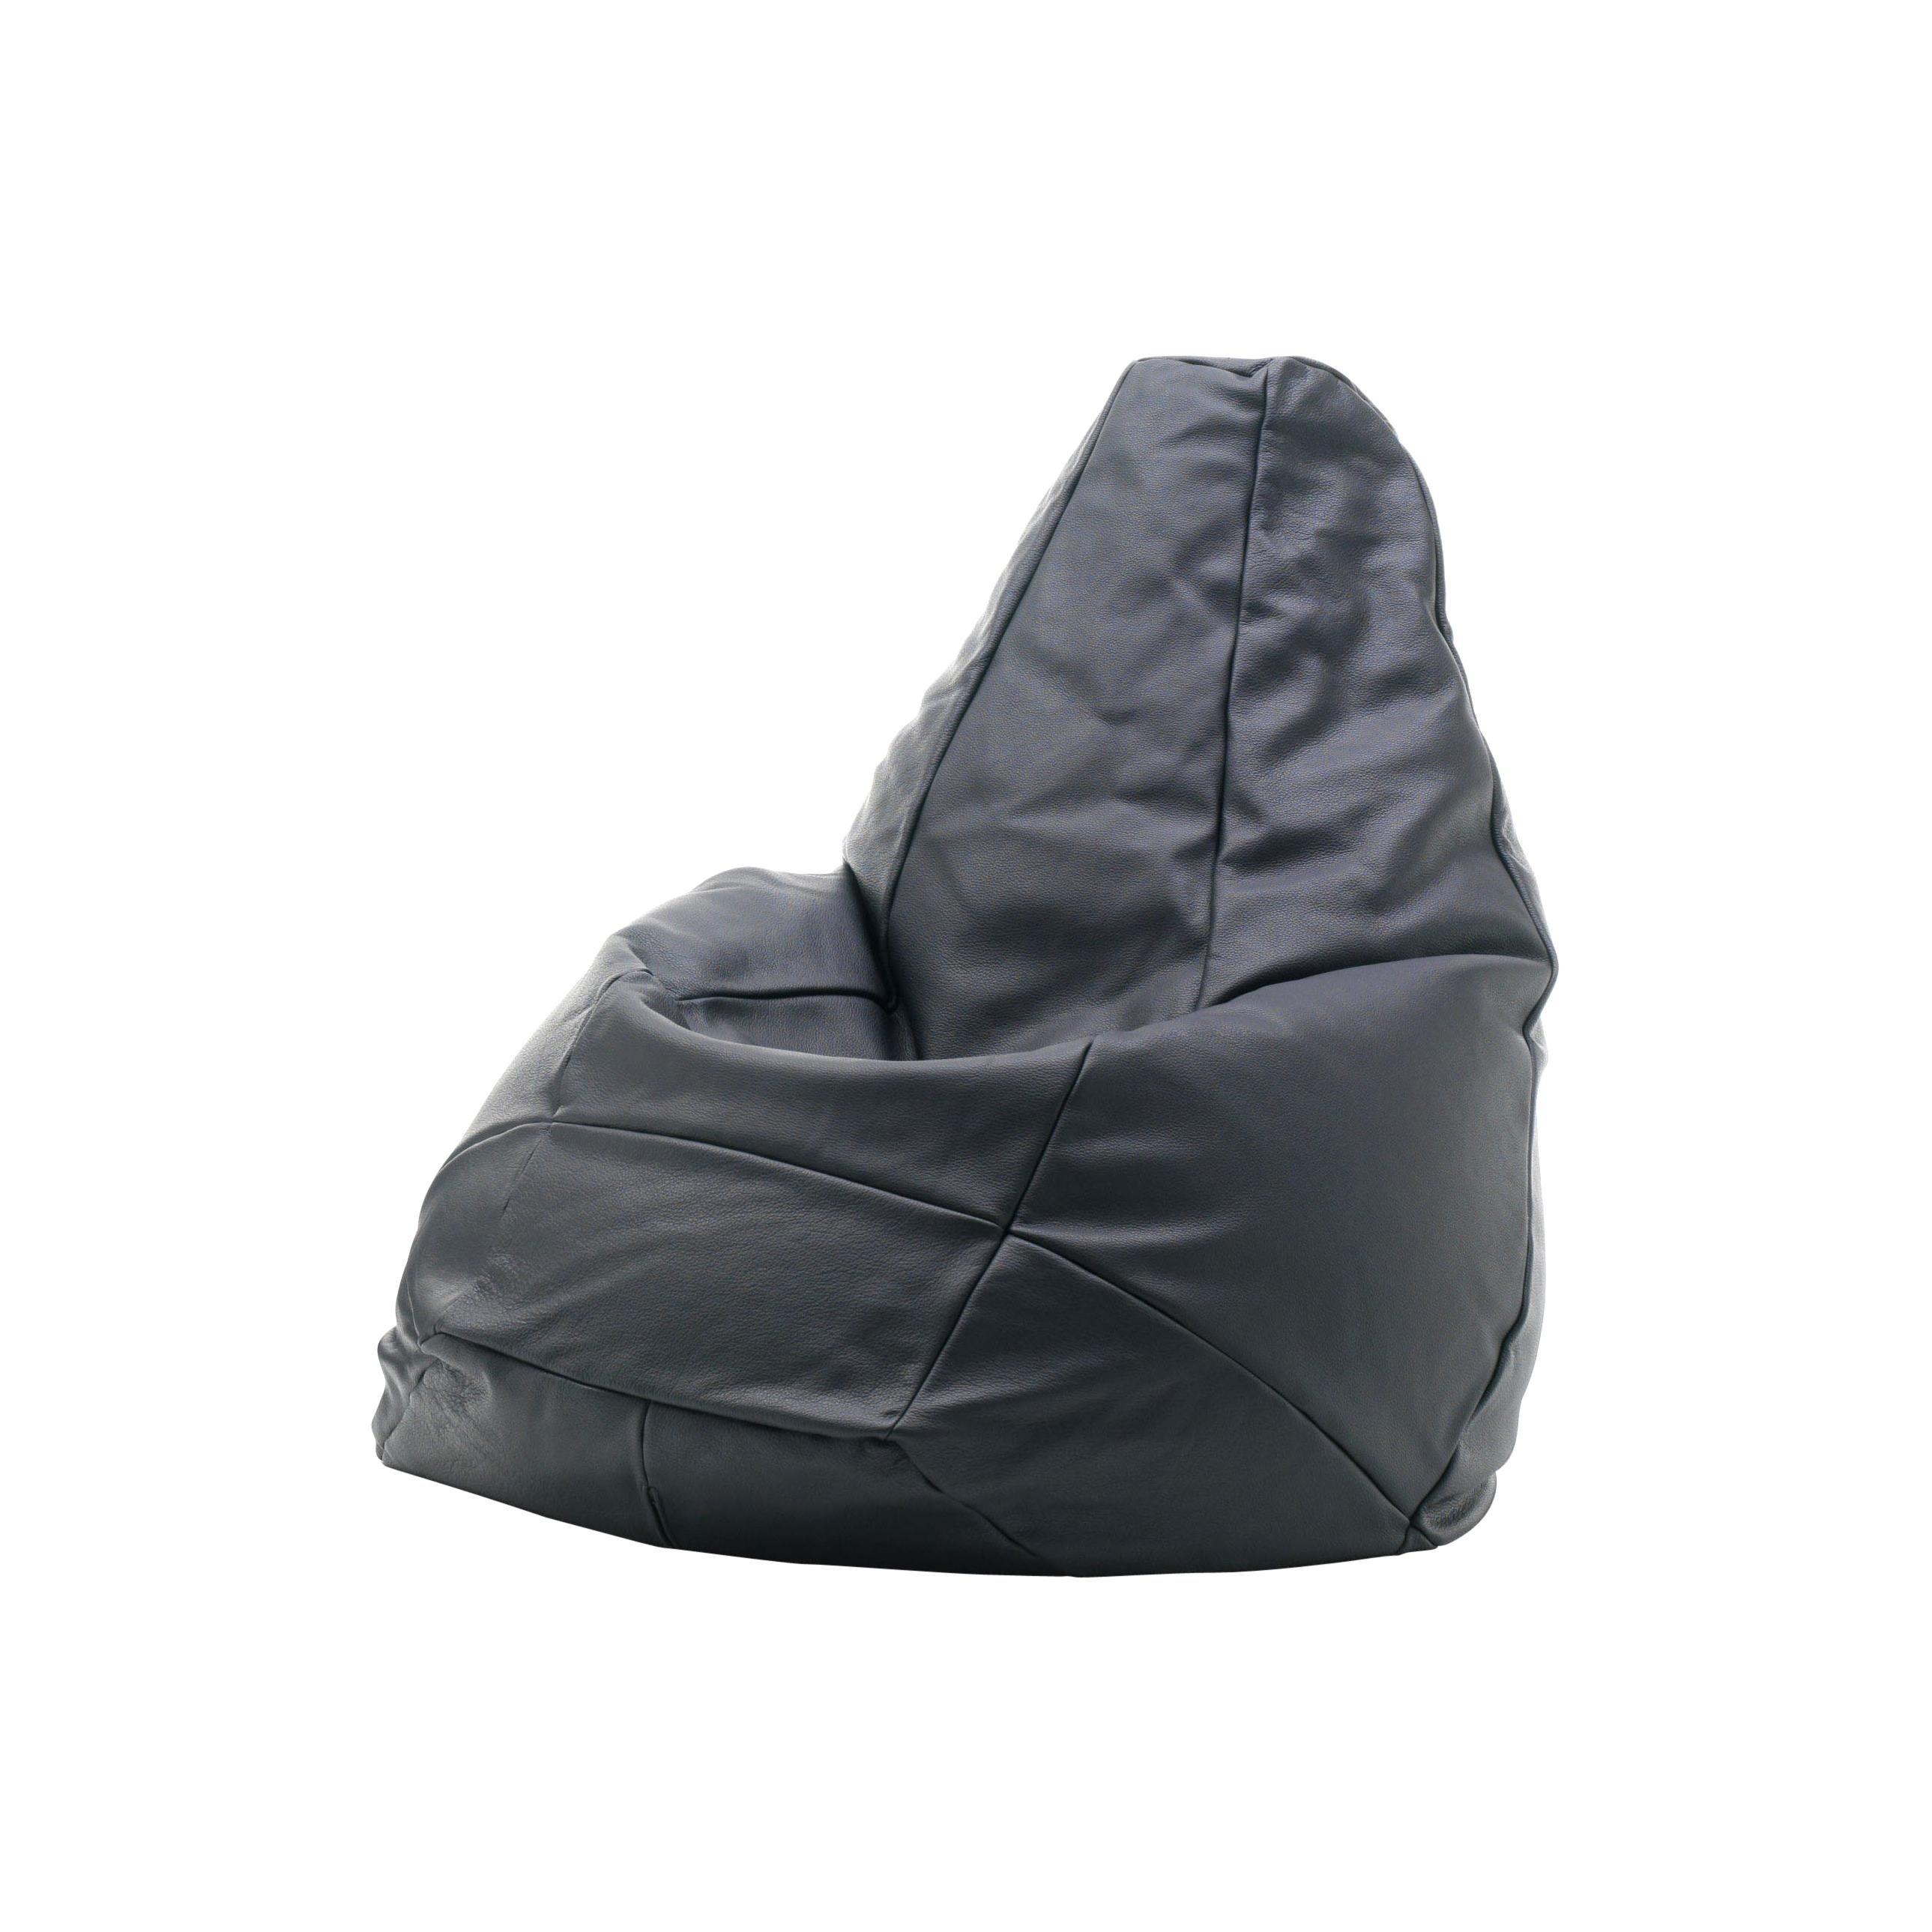 De Sede Leather Beanbag Longue Chair